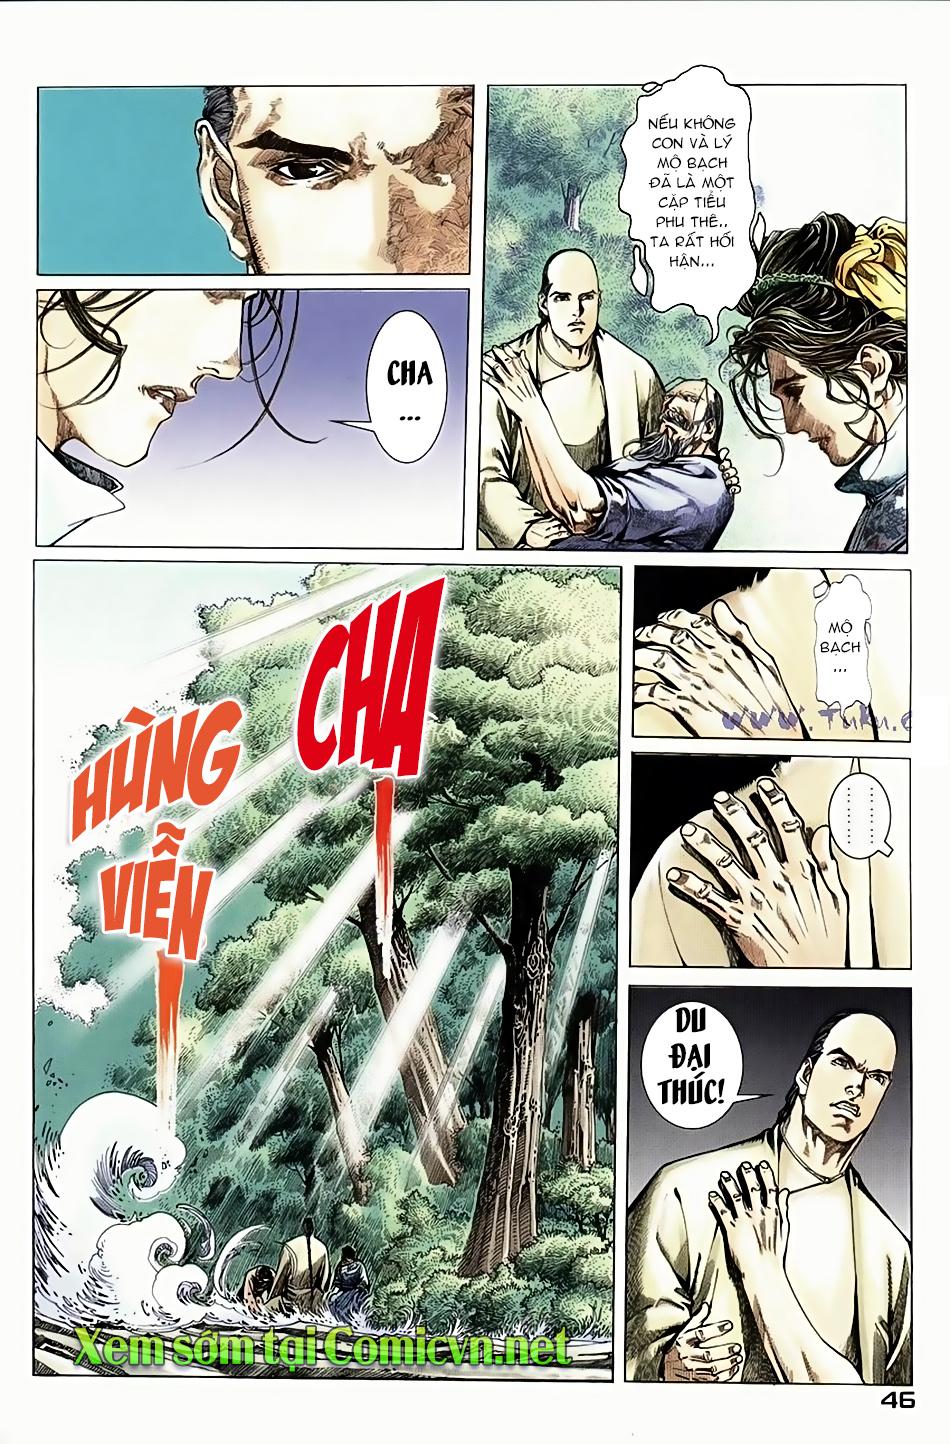 Ngọa Hổ Tàng Long I - II Chap 4 - Next Chap 5